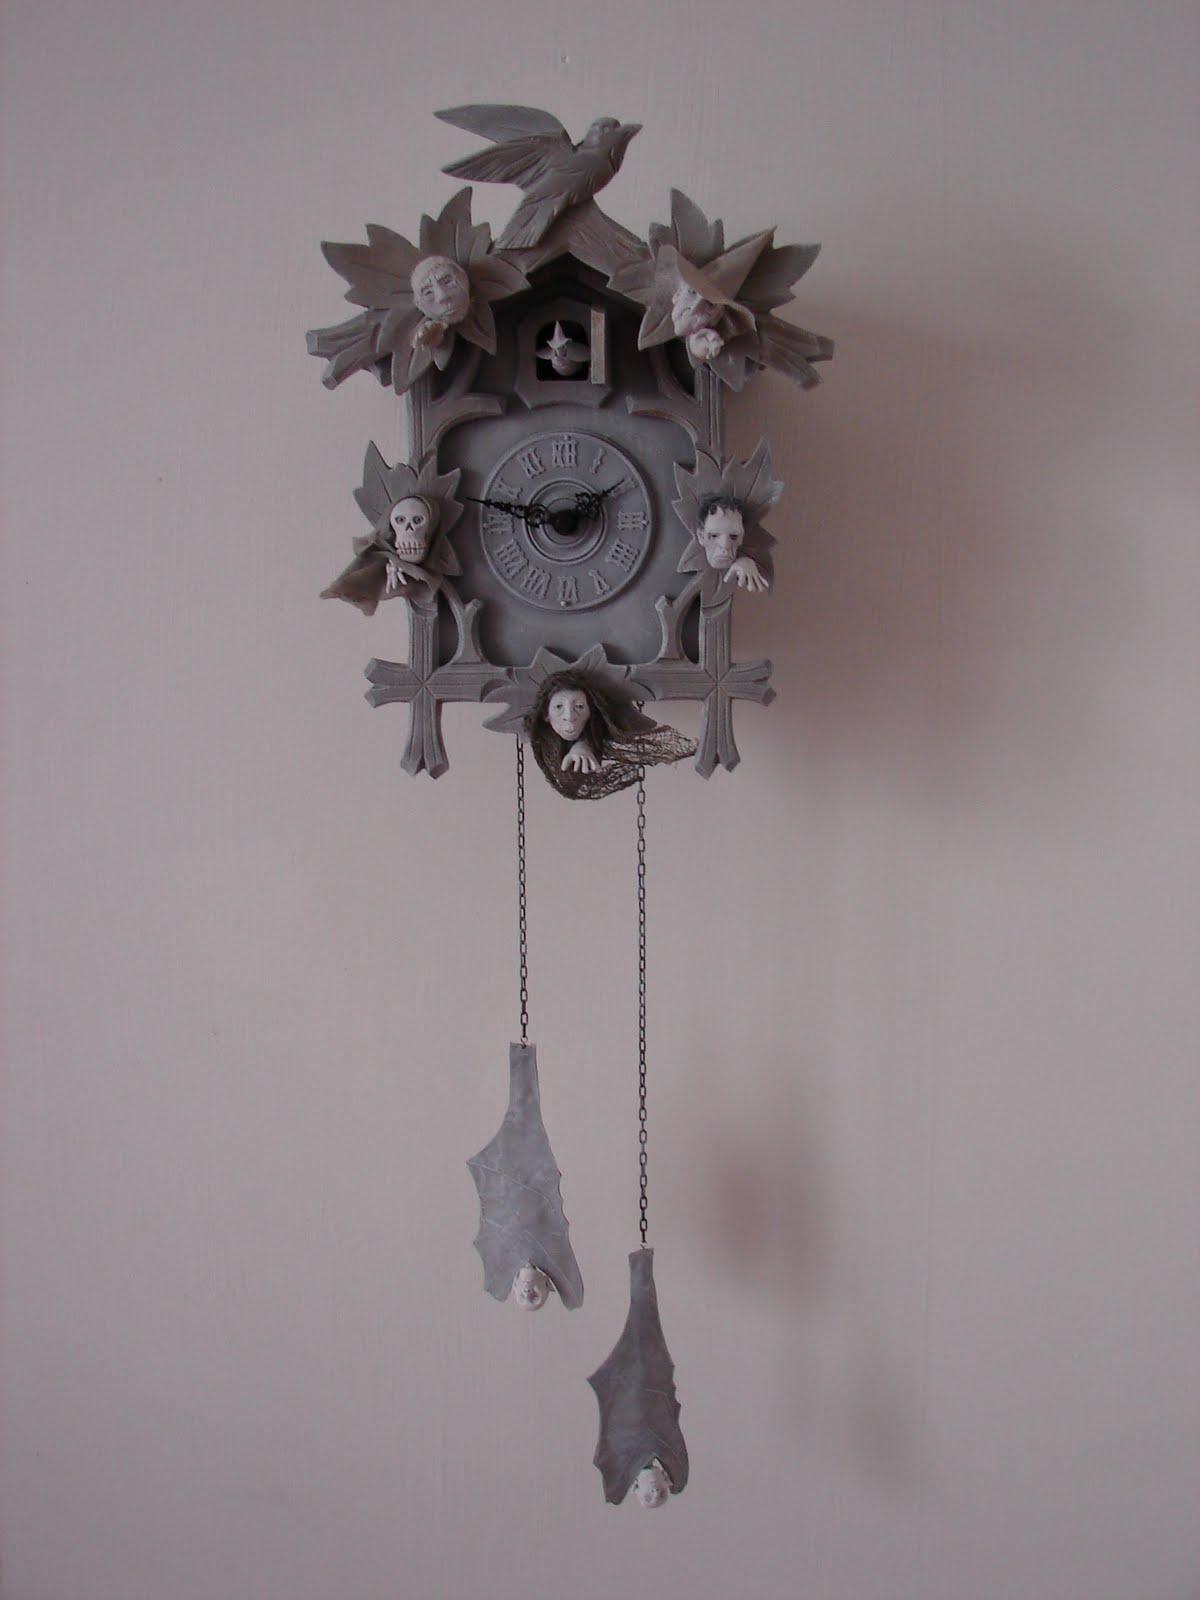 halloween cuckoo clock by pat benedict